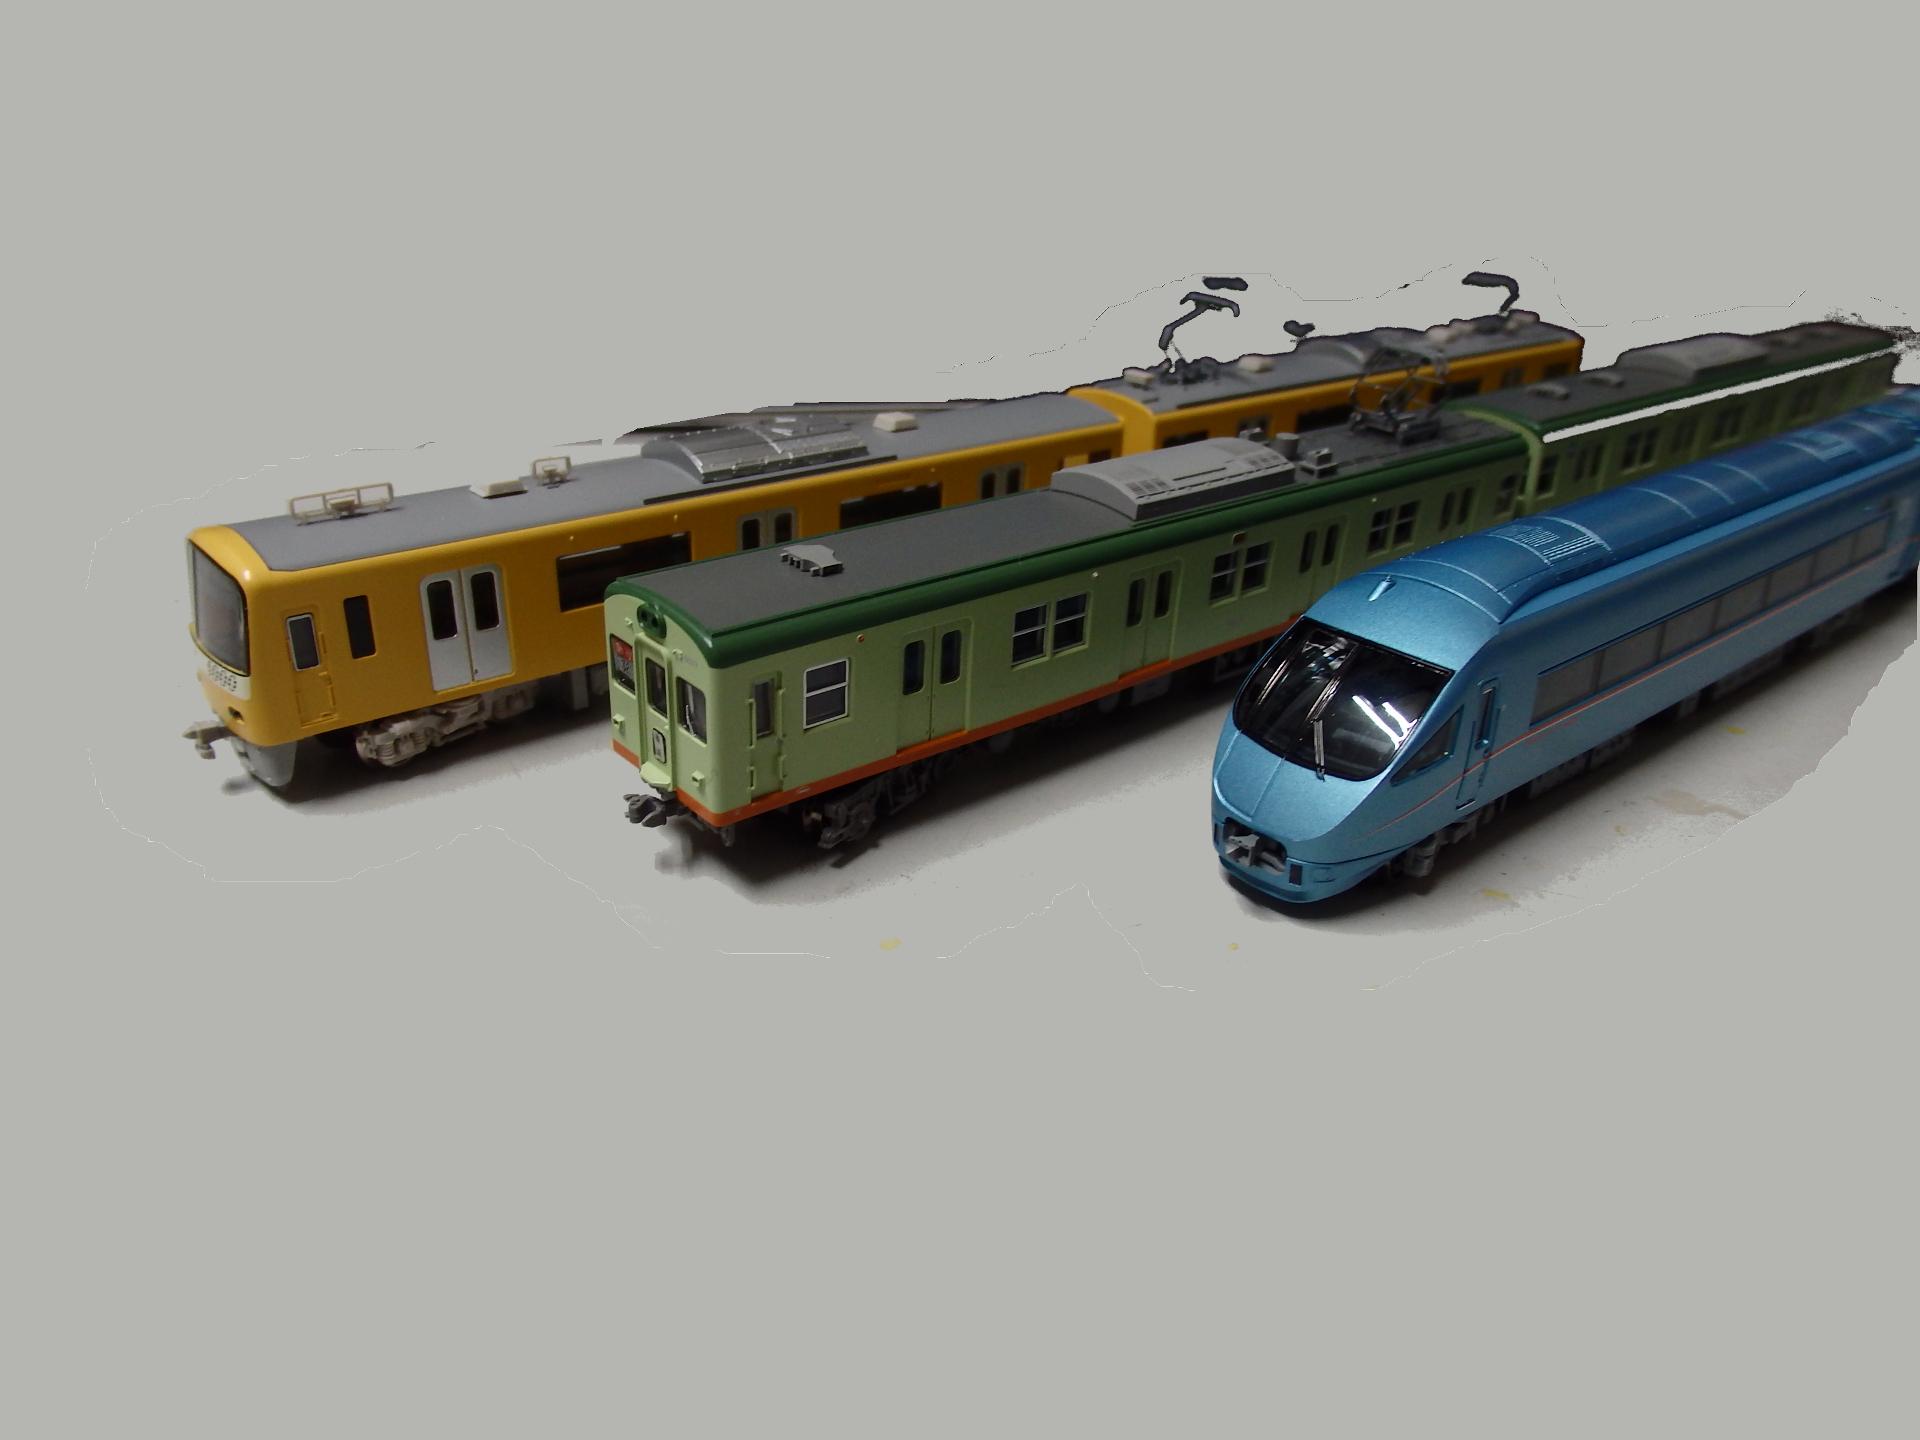 羽田から伊勢原方面まで乗り継ぐ京急、相鉄、小田急の車両たちです。